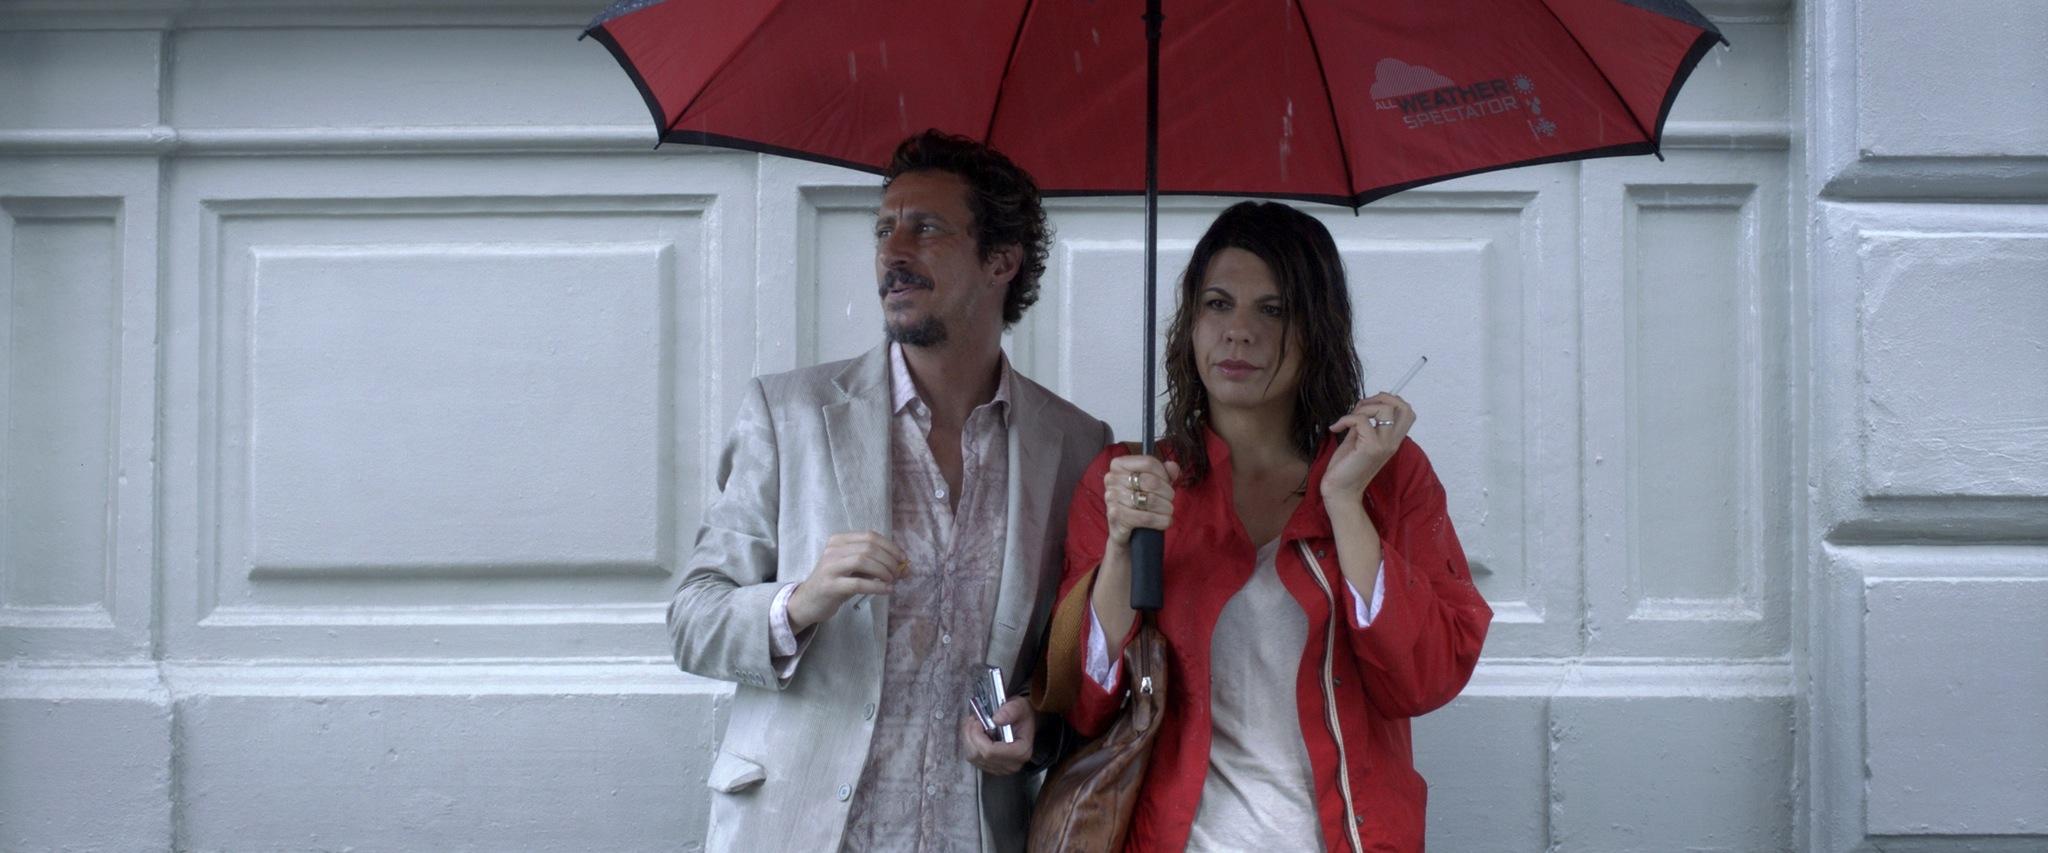 Luca Bizzarri con Geppi Cucciari in Un fidanzato per mia moglie, una curiosa scena del film